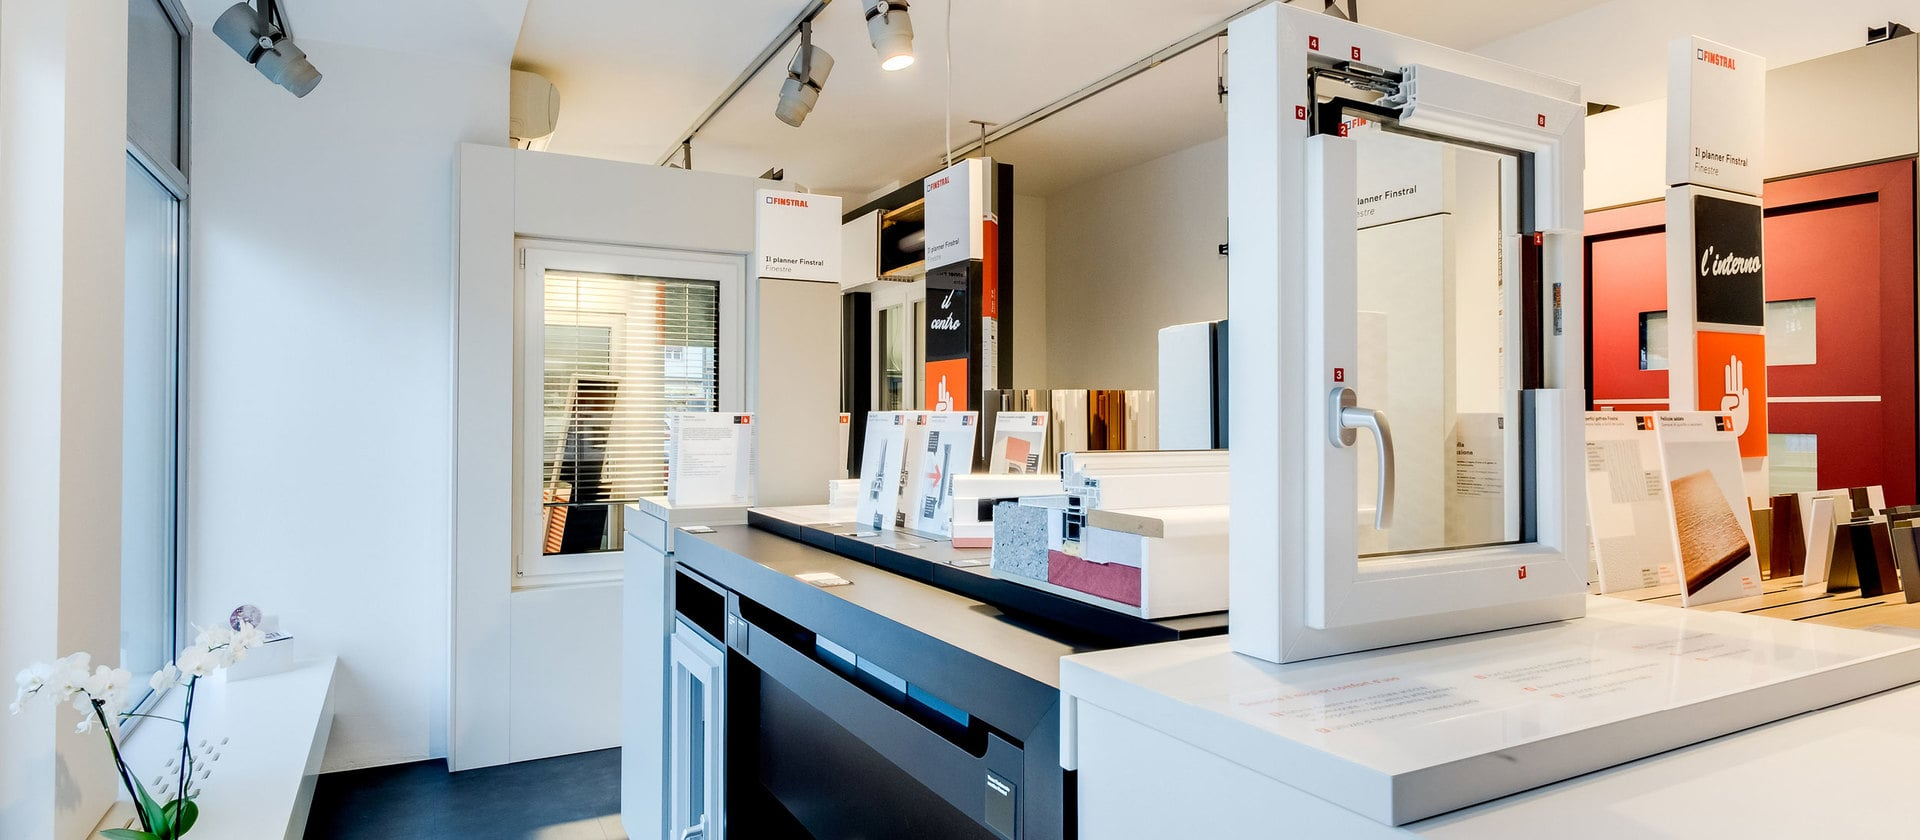 Finstral Studio Bozen/Bolzano